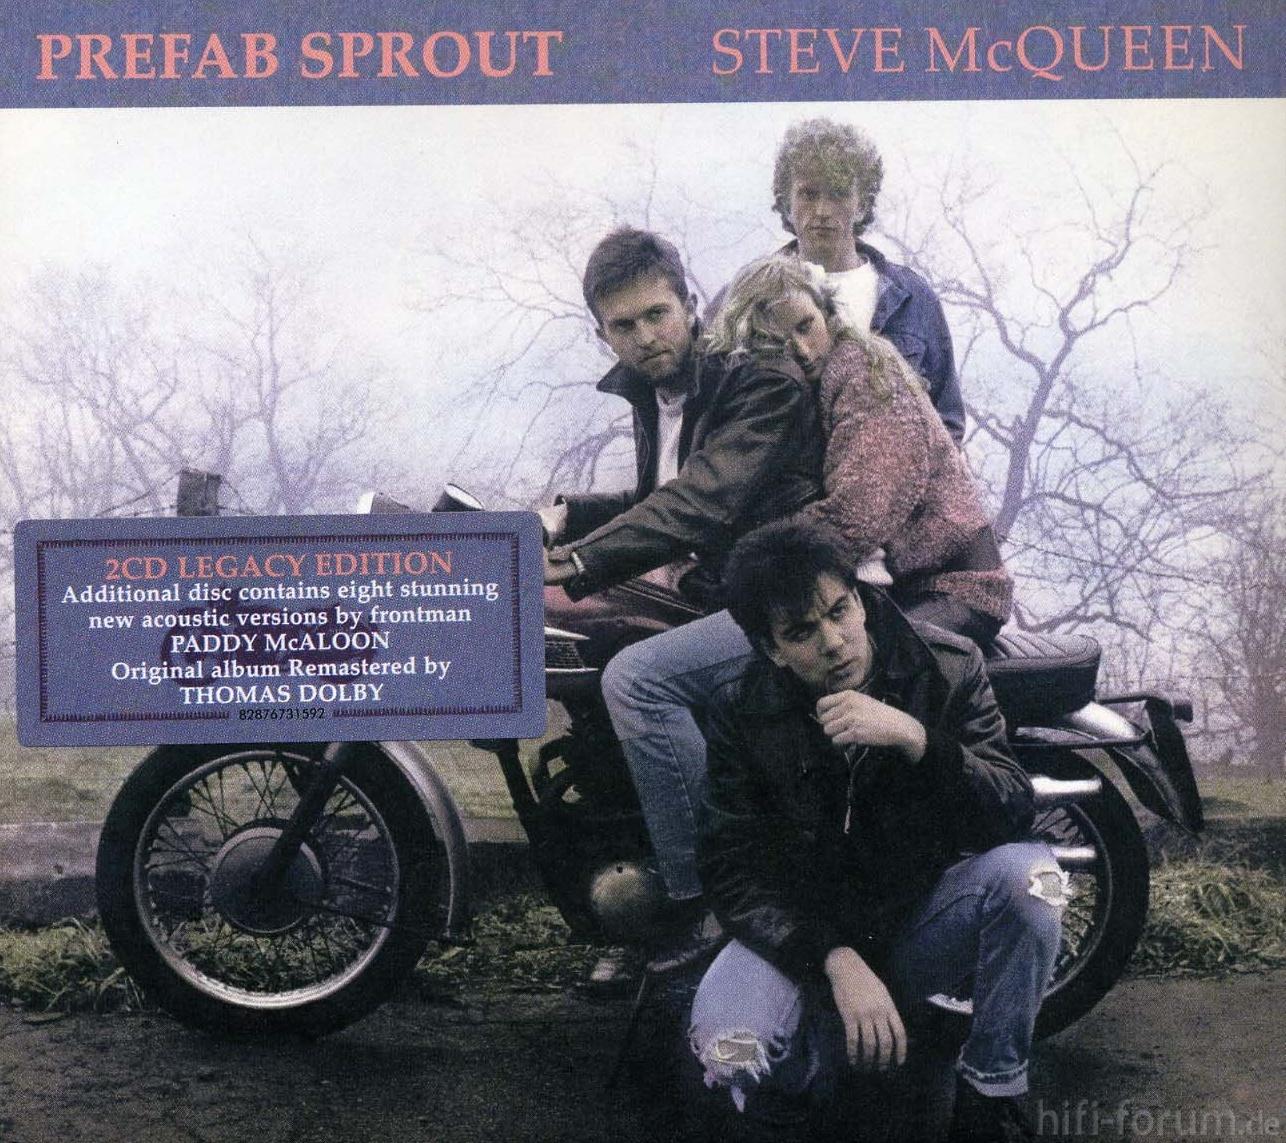 Steve McQueen - - Biography